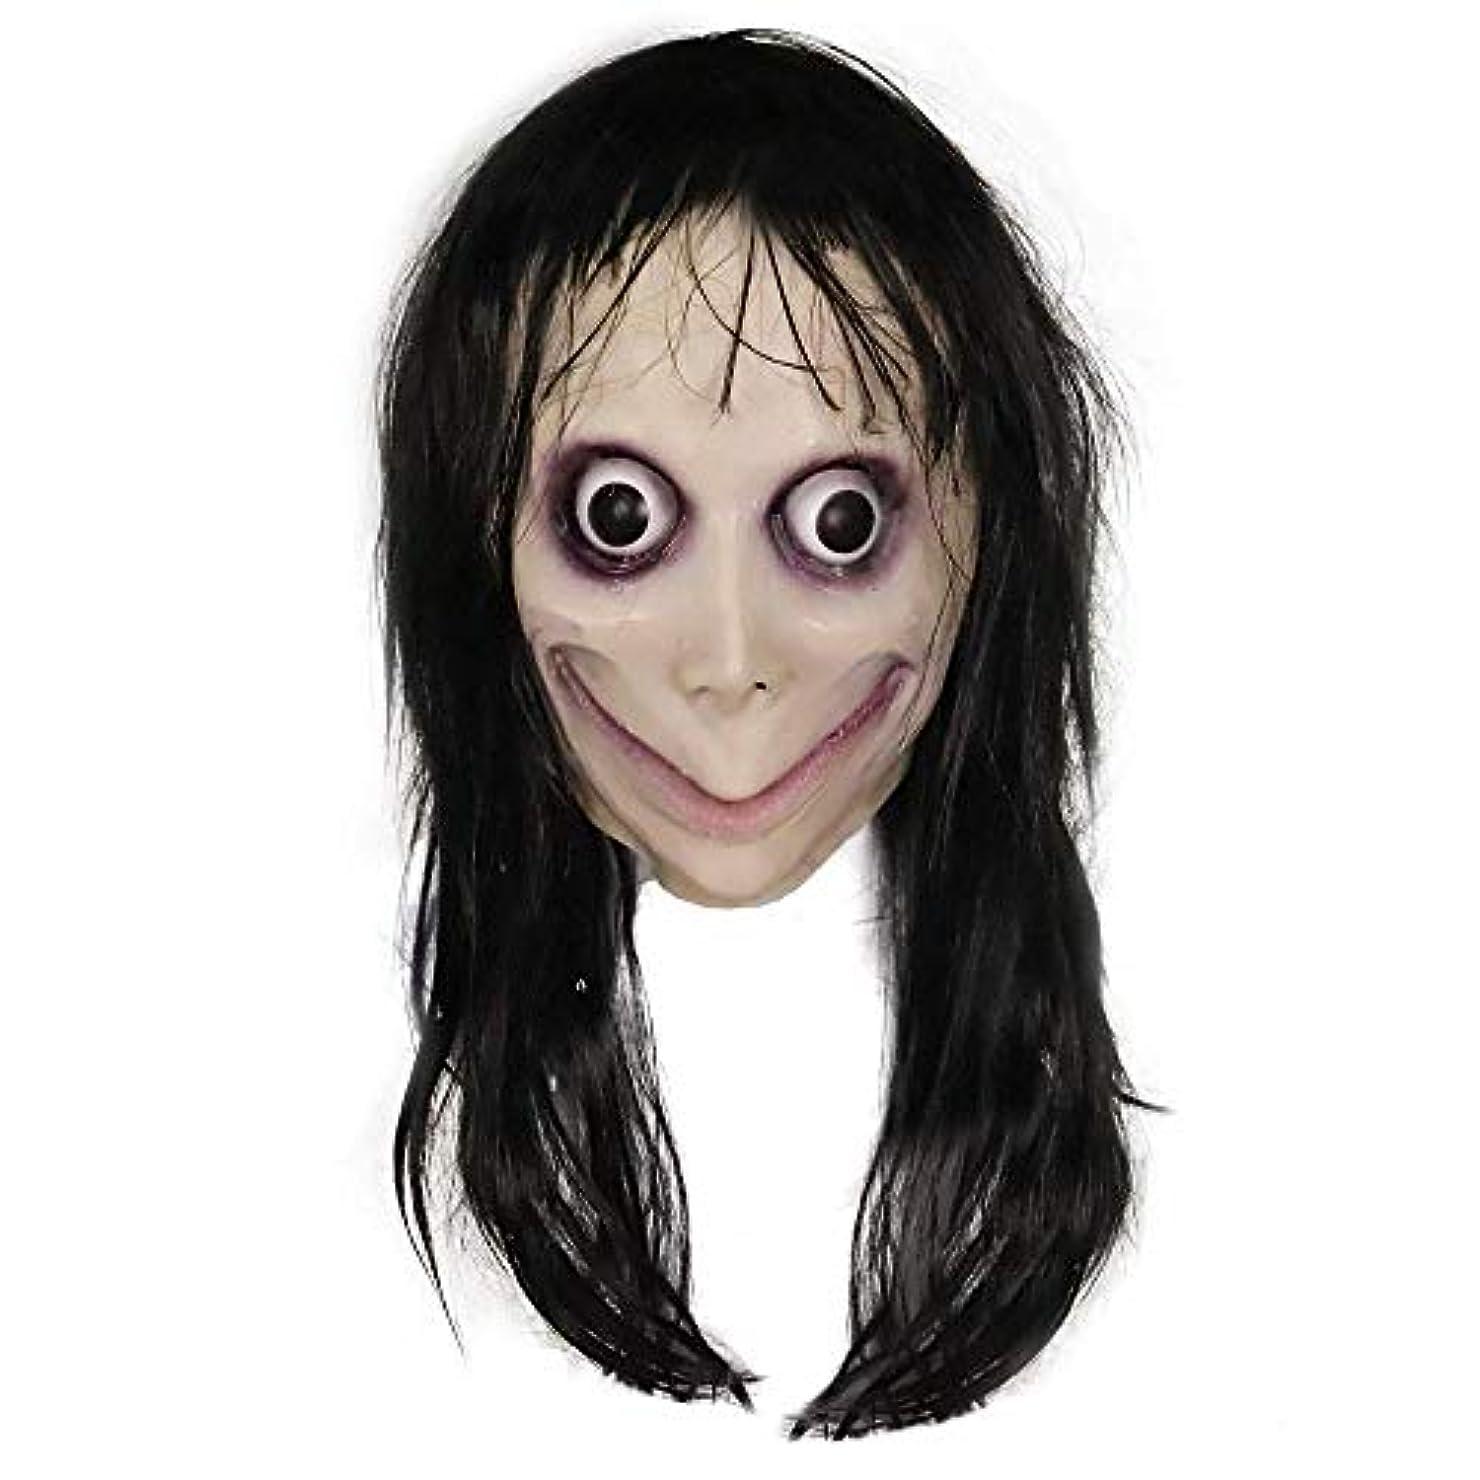 届けるゲスト慣らす不気味なマスク、髪怖いゲームモモマスク、ロールプレイング小道具マスク子供大人ホラー恐怖ゴーストヘルメットラテックスマスクファンシーボールハロウィーンパーティー